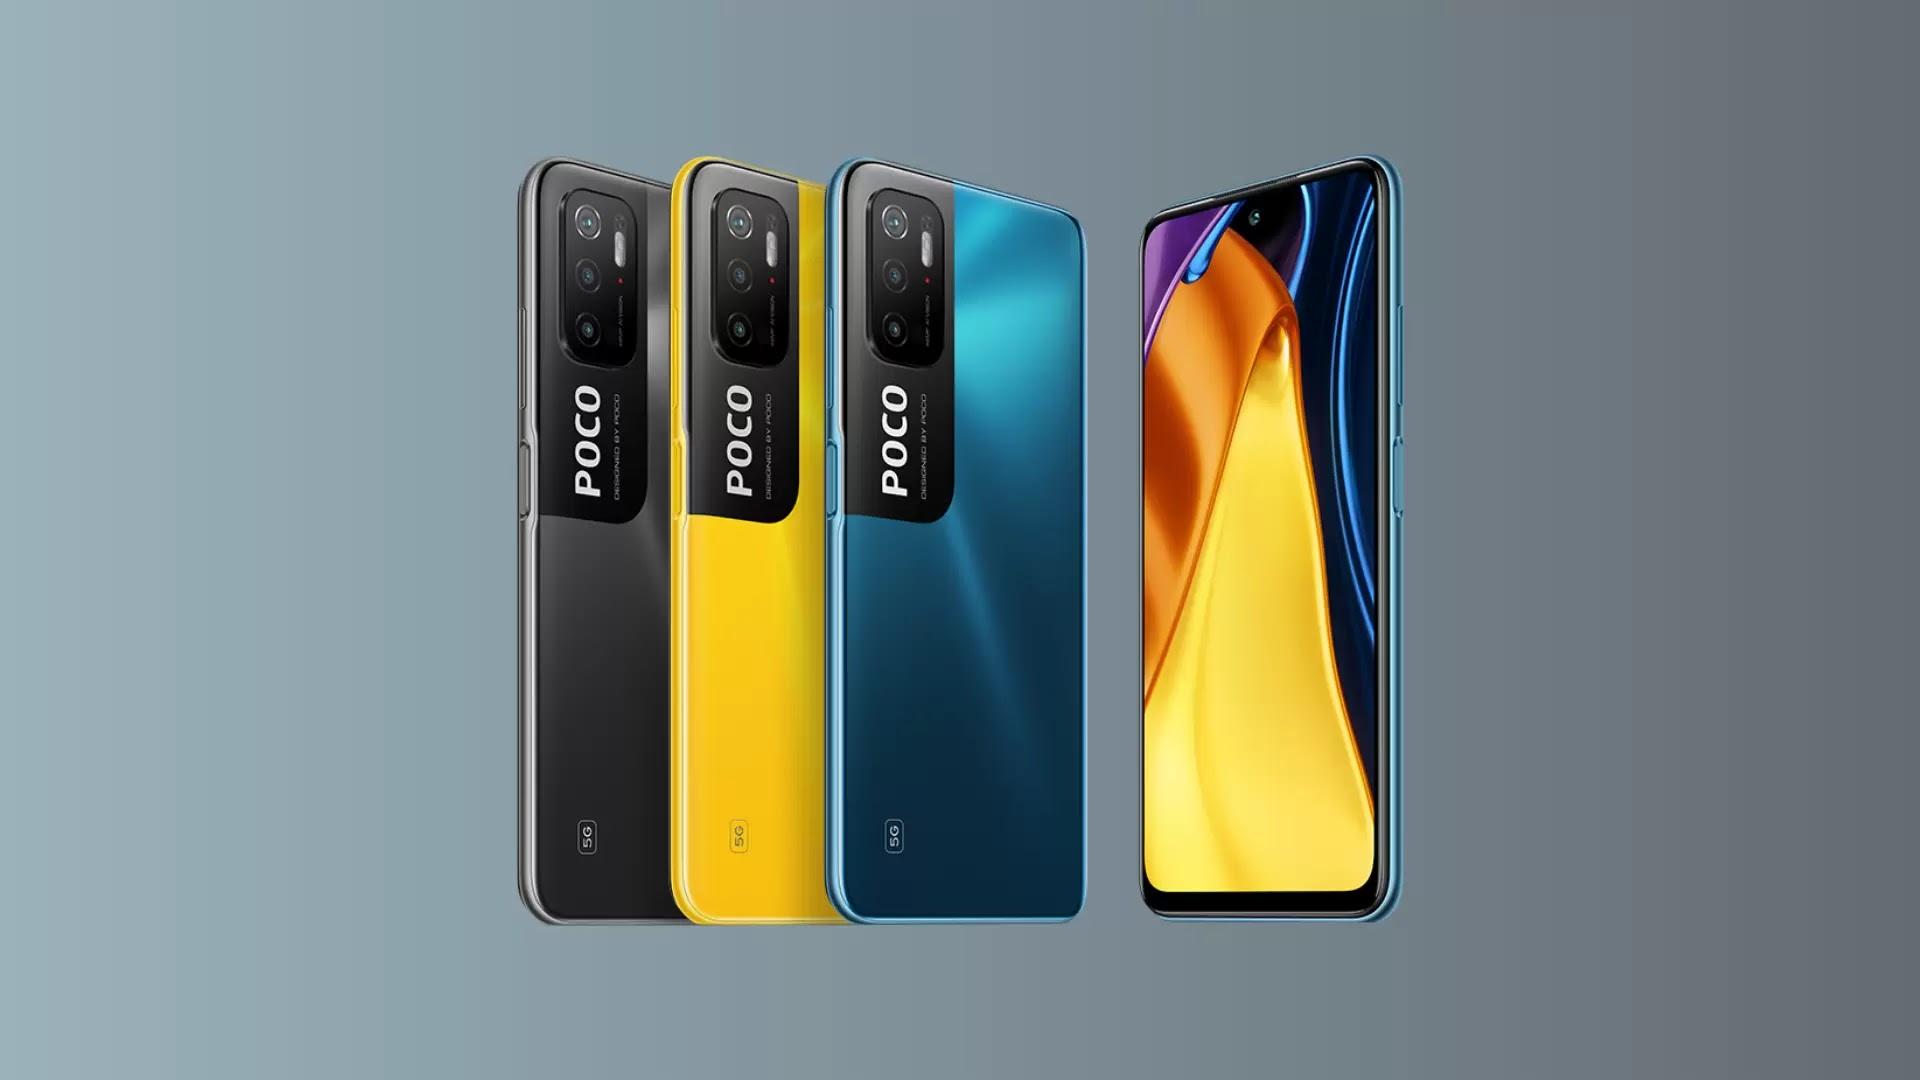 গ্লোবেলি Poco M3 Pro 5G স্মার্টফোনটি হল লঞ্চ